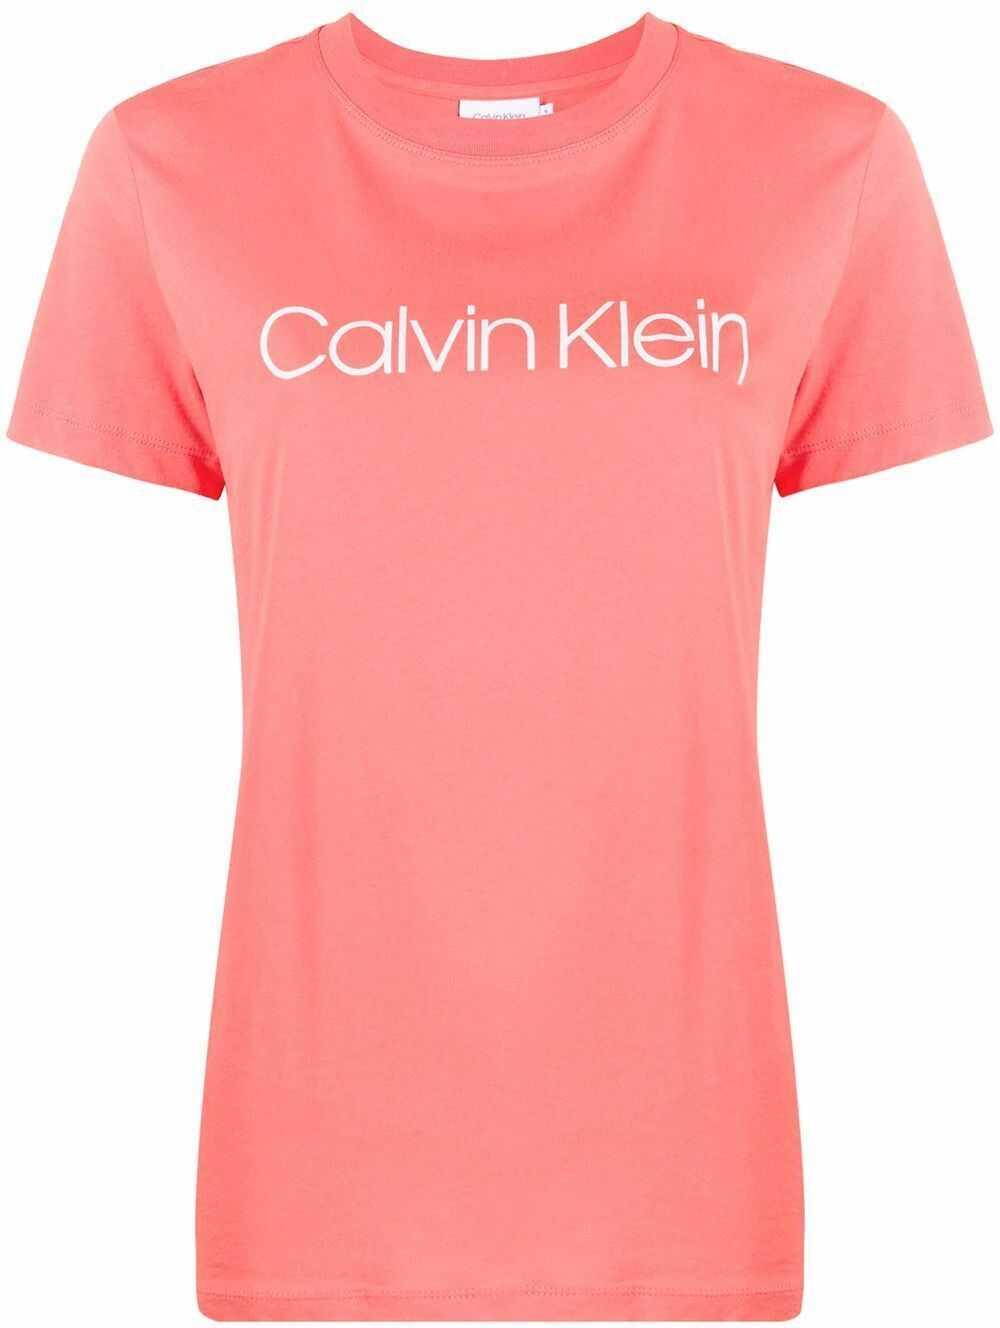 Calvin Klein Cotton T-Shirt PINK